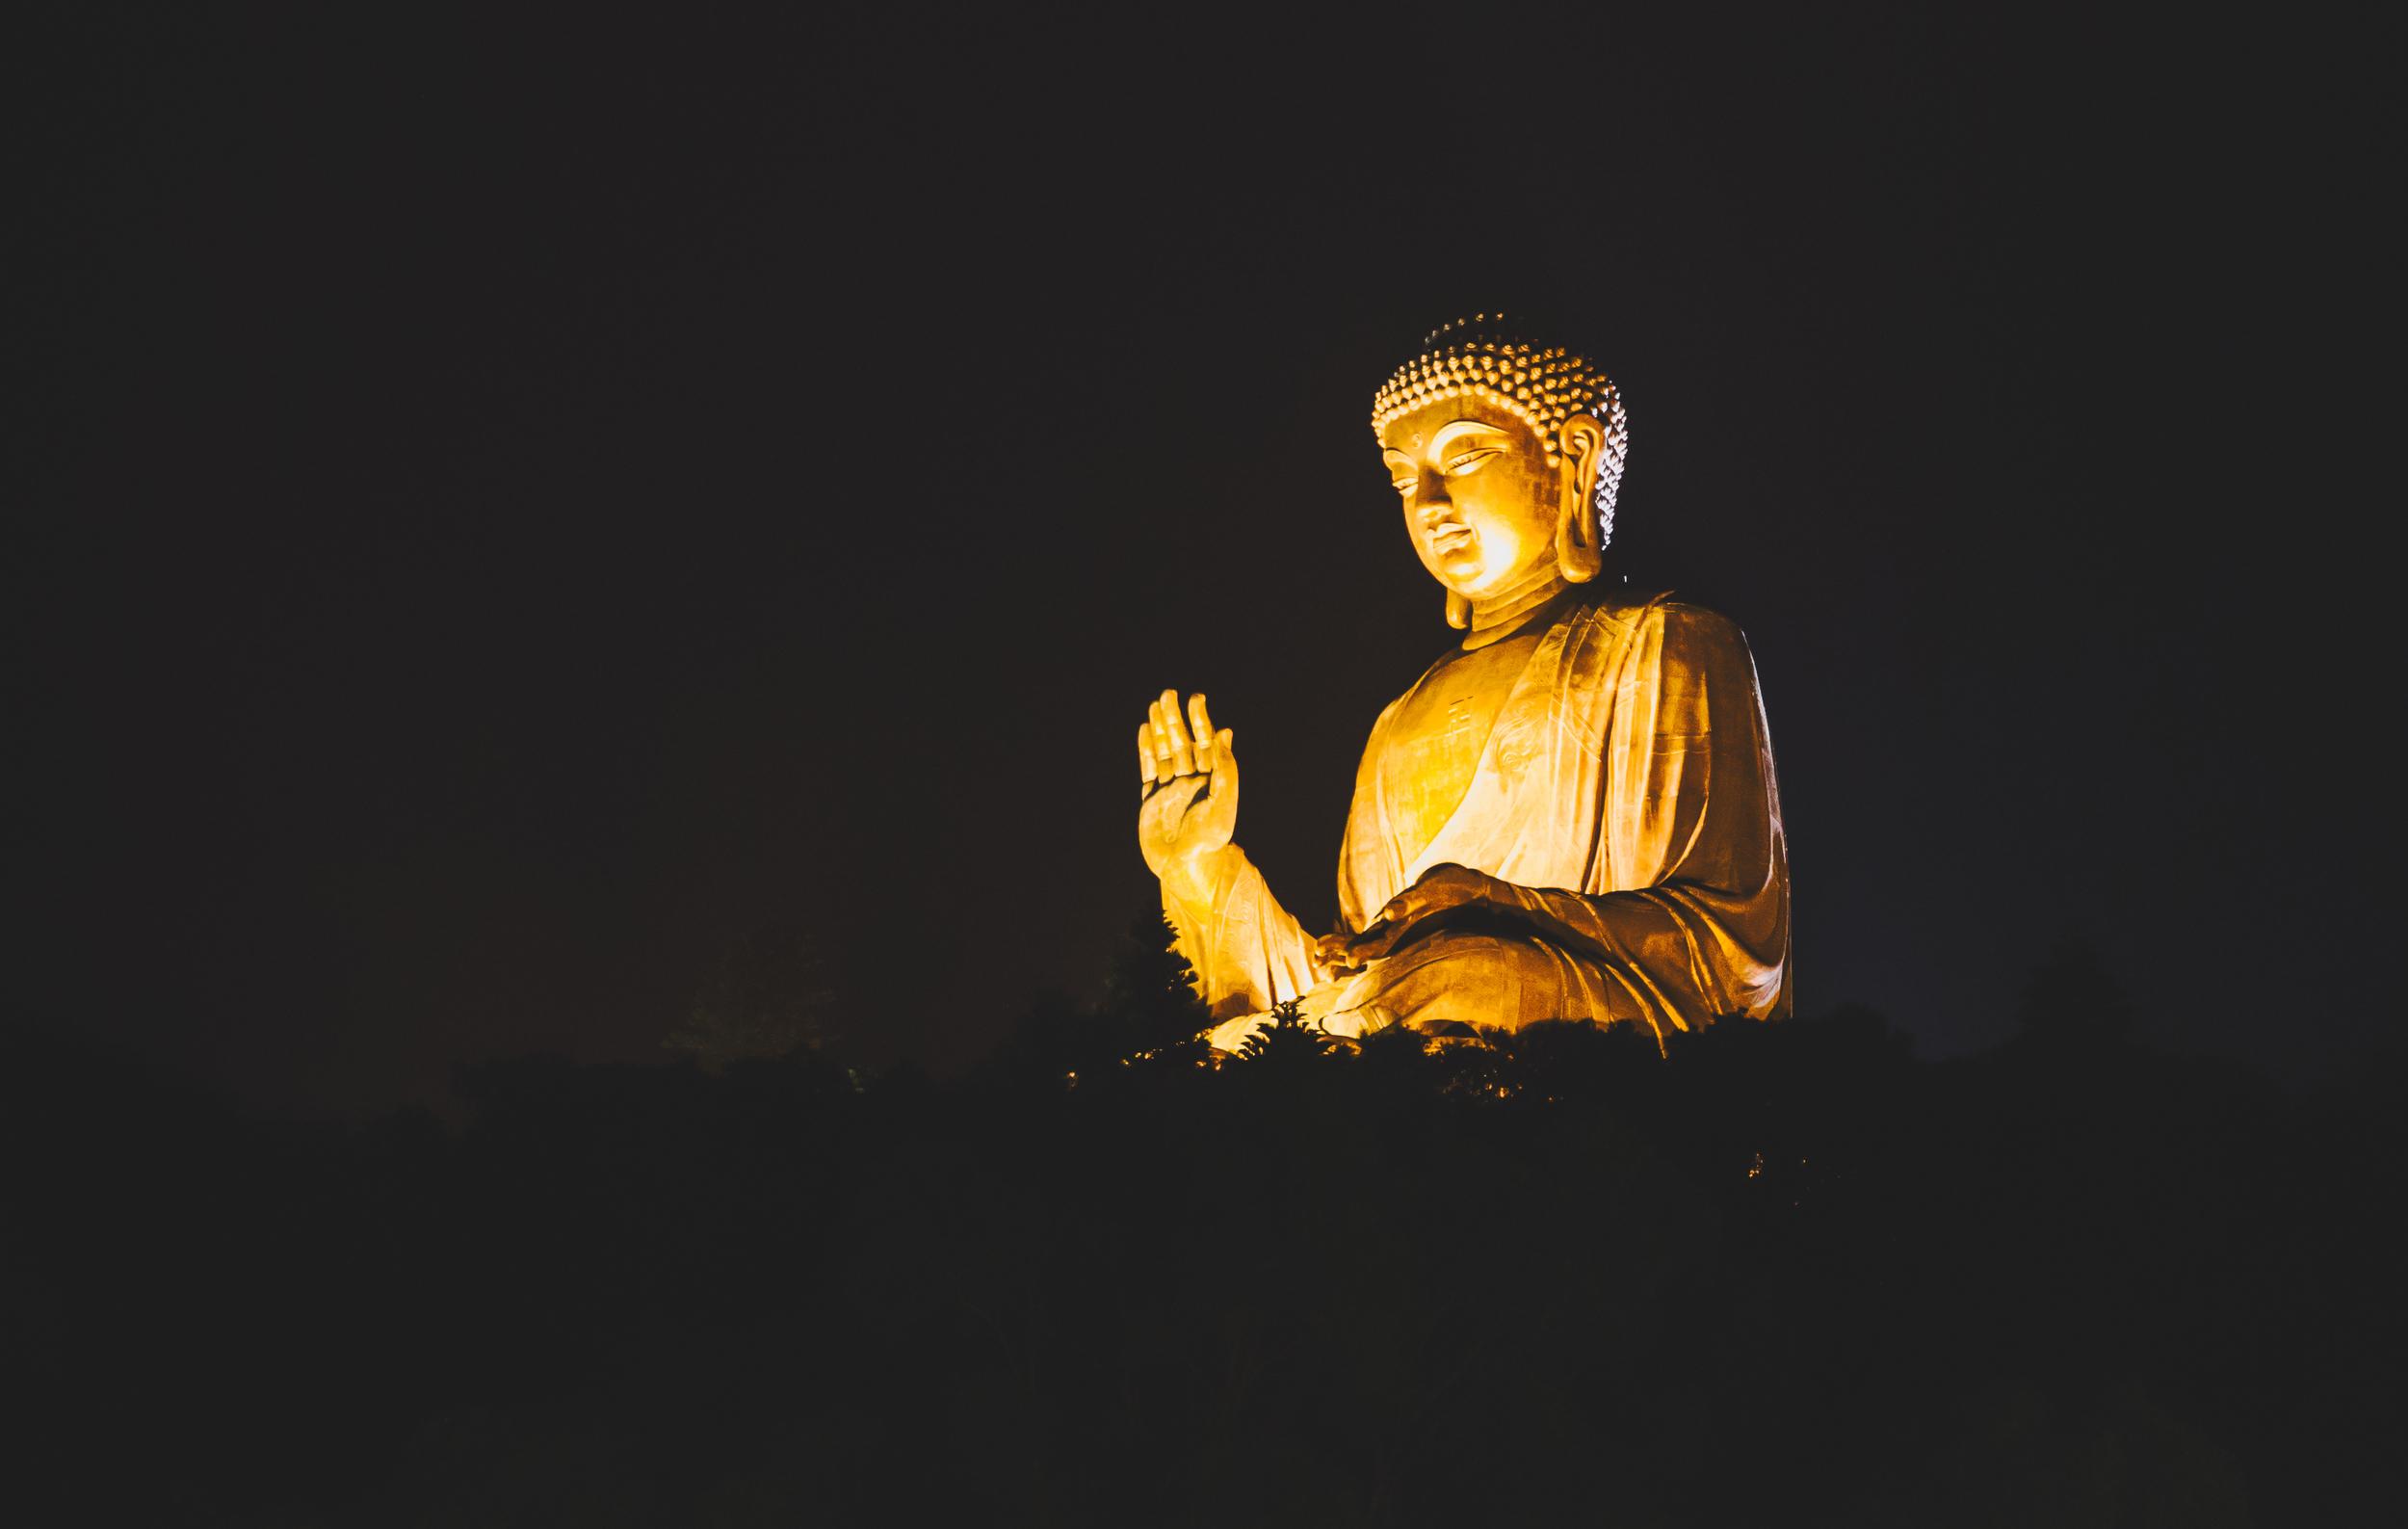 Big Buddha at nightfall